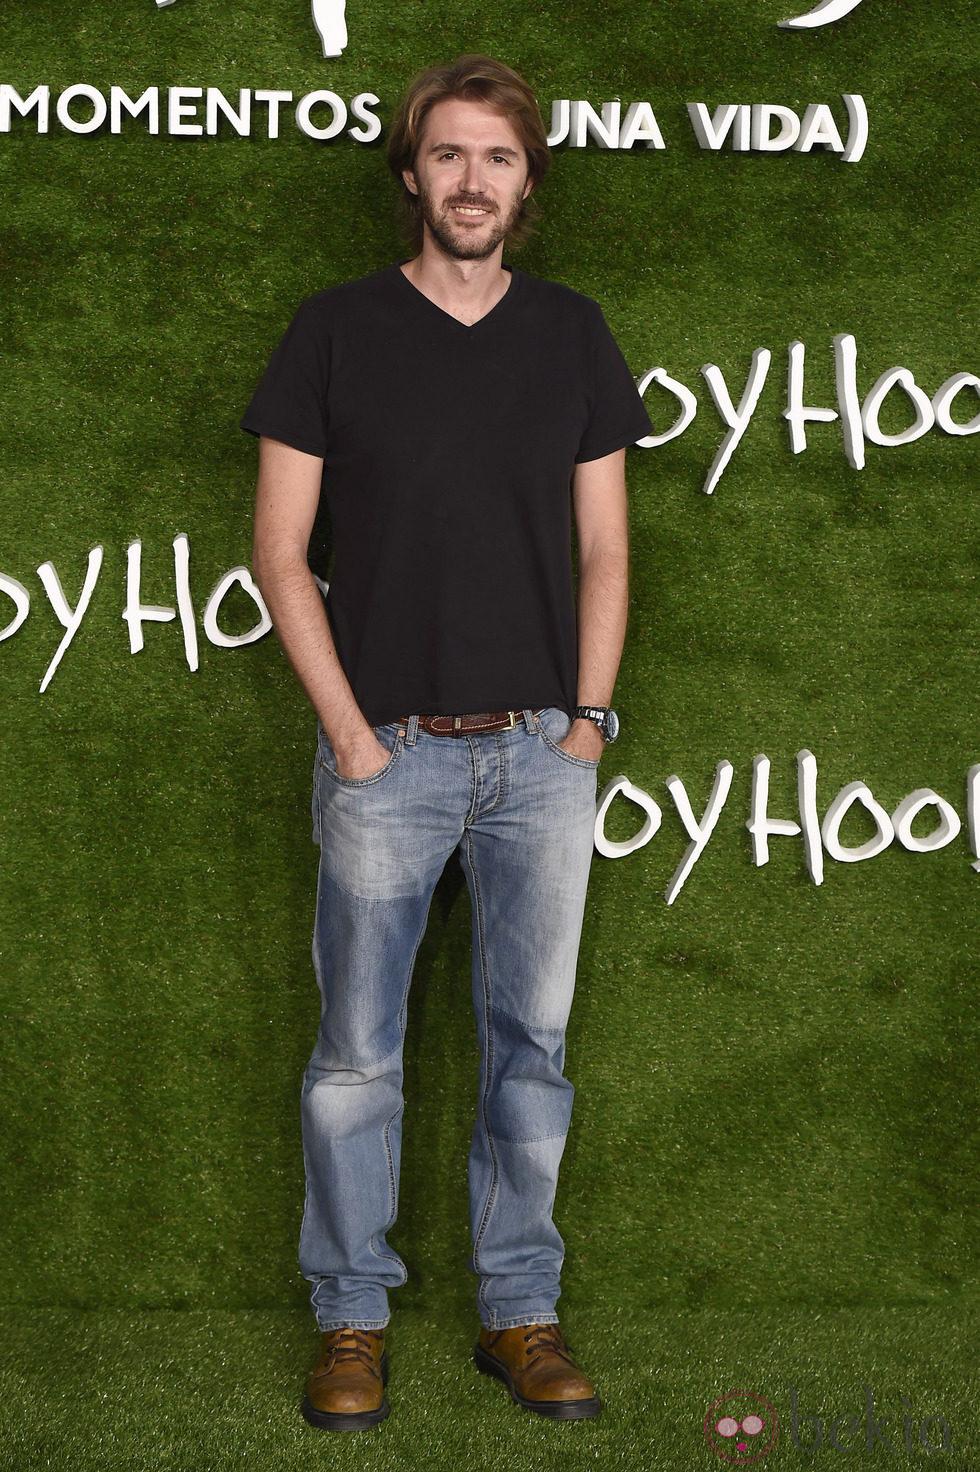 Manuel Velasco en el estreno de 'Boyhood (Momentos de una vida)' en Madrid